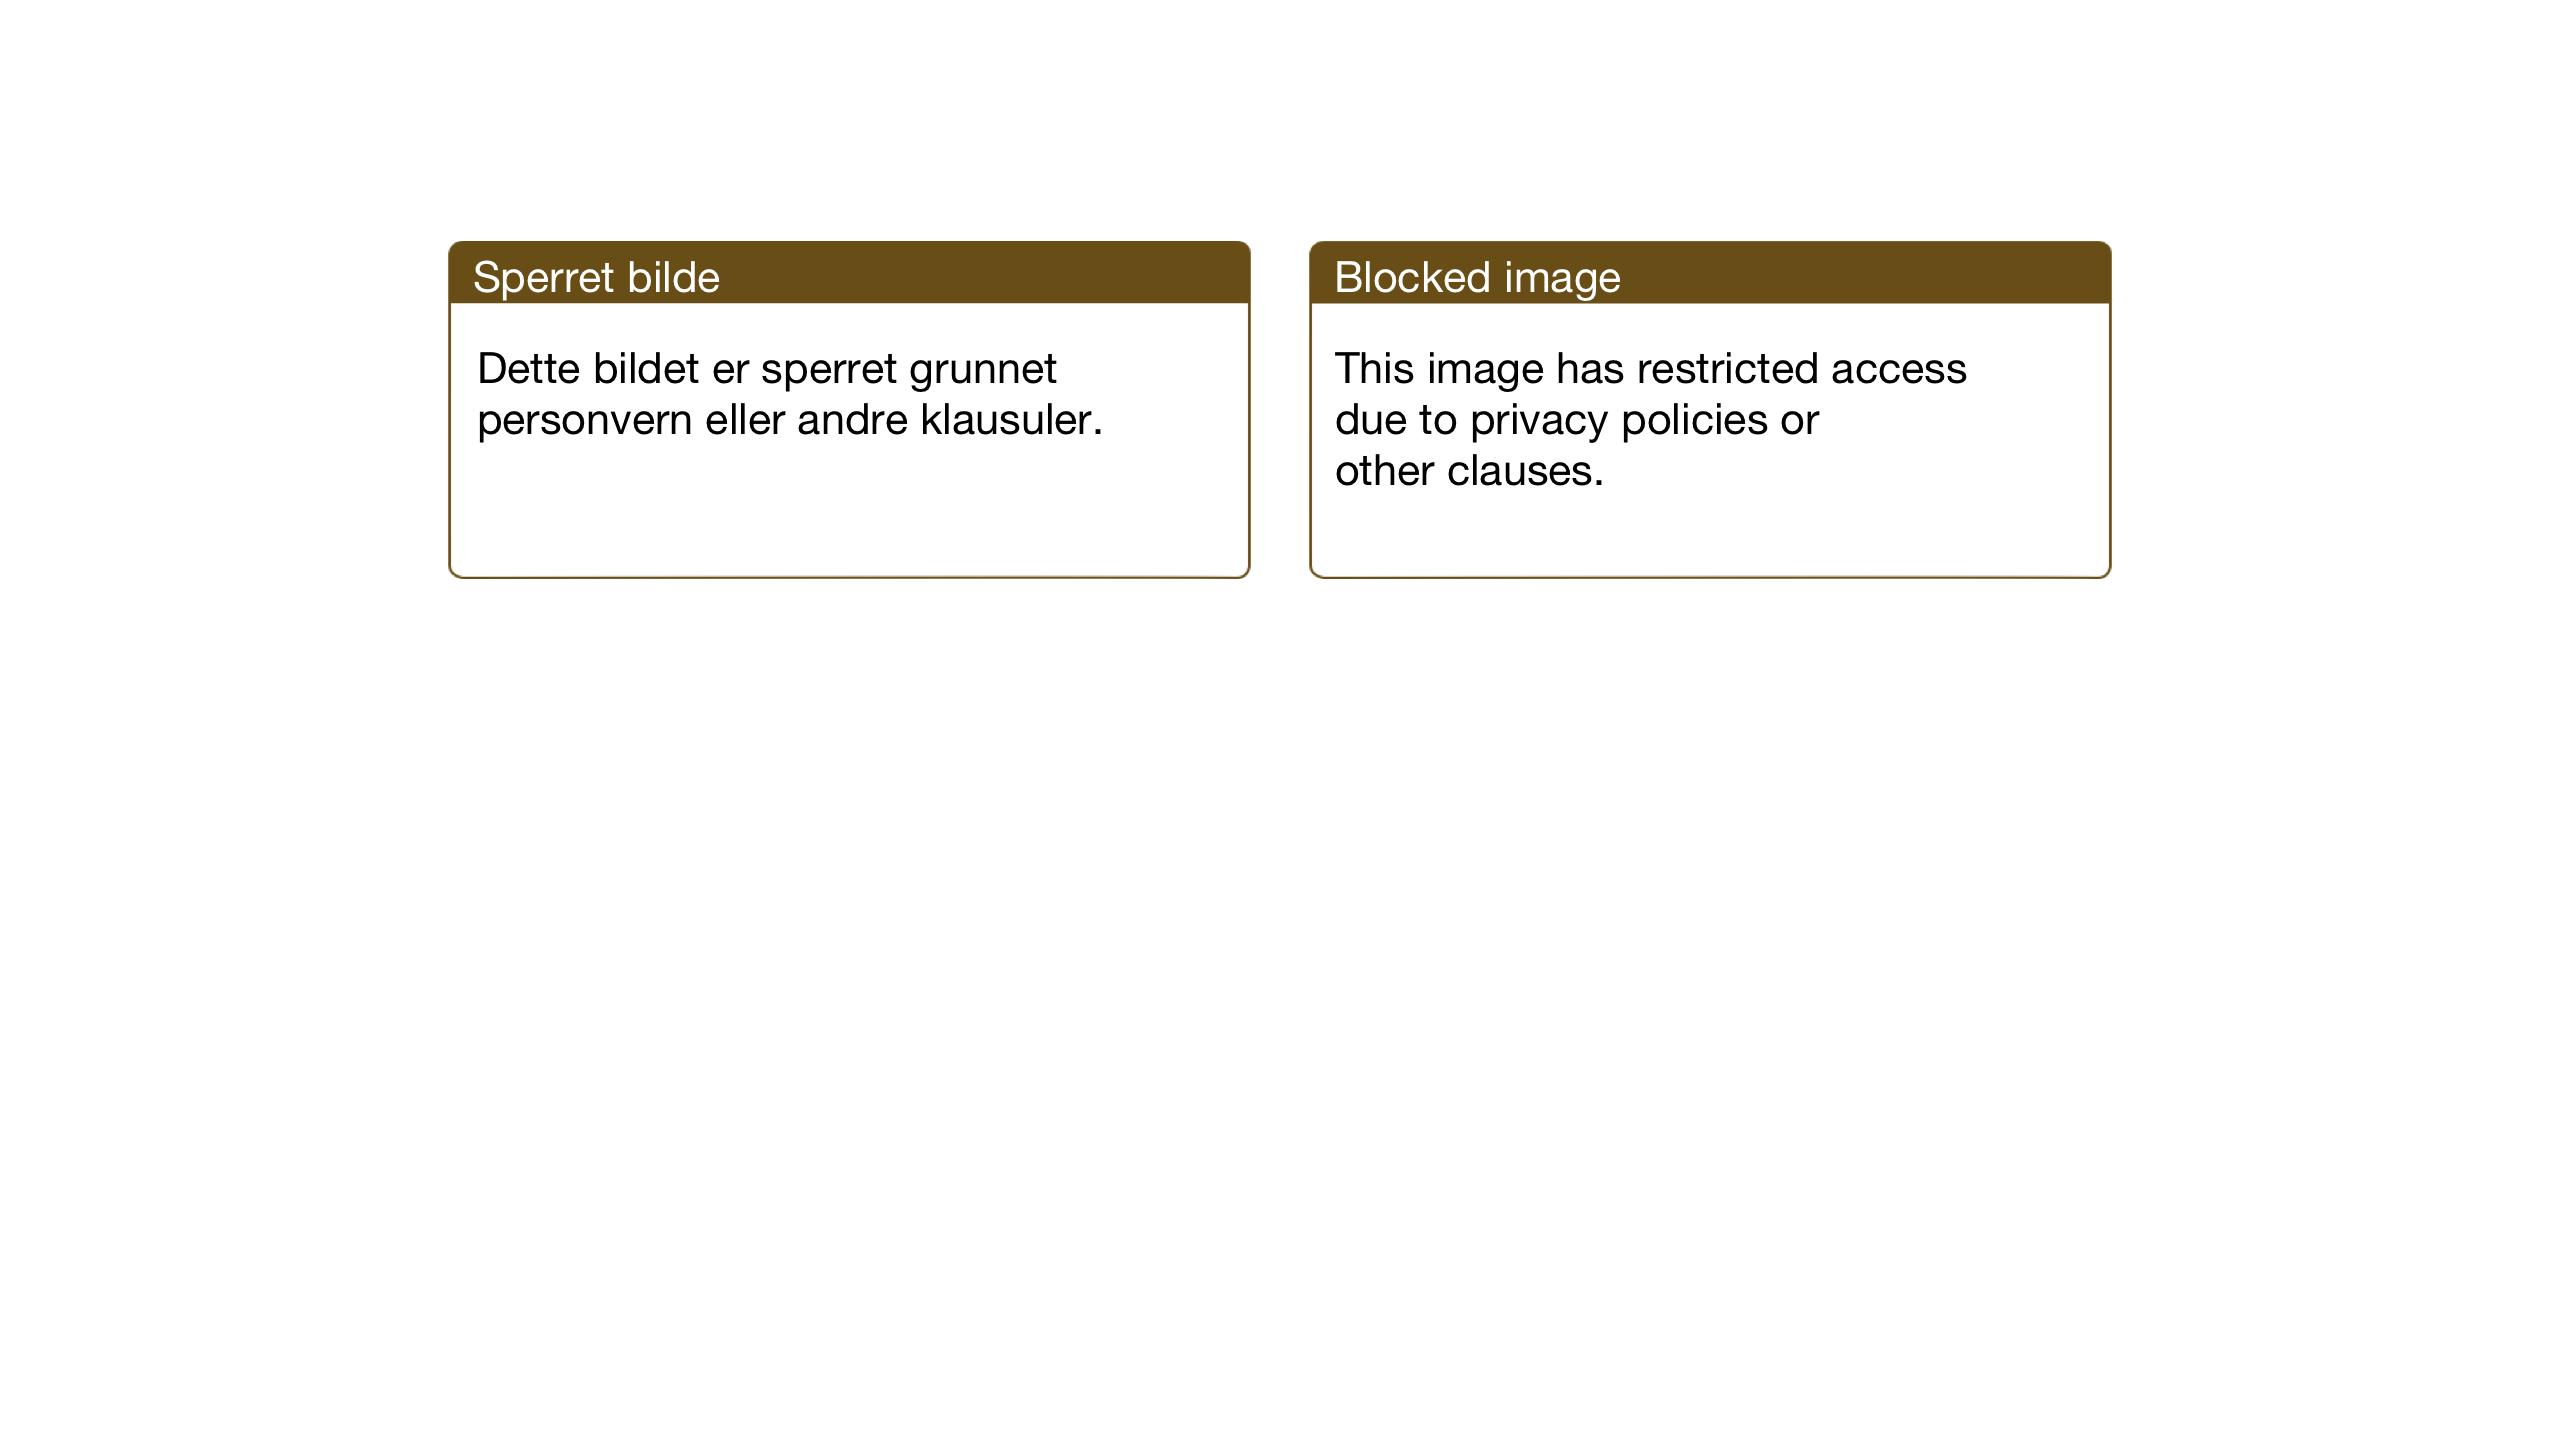 SAT, Ministerialprotokoller, klokkerbøker og fødselsregistre - Sør-Trøndelag, 604/L0228: Klokkerbok nr. 604C11, 1928-1950, s. 237